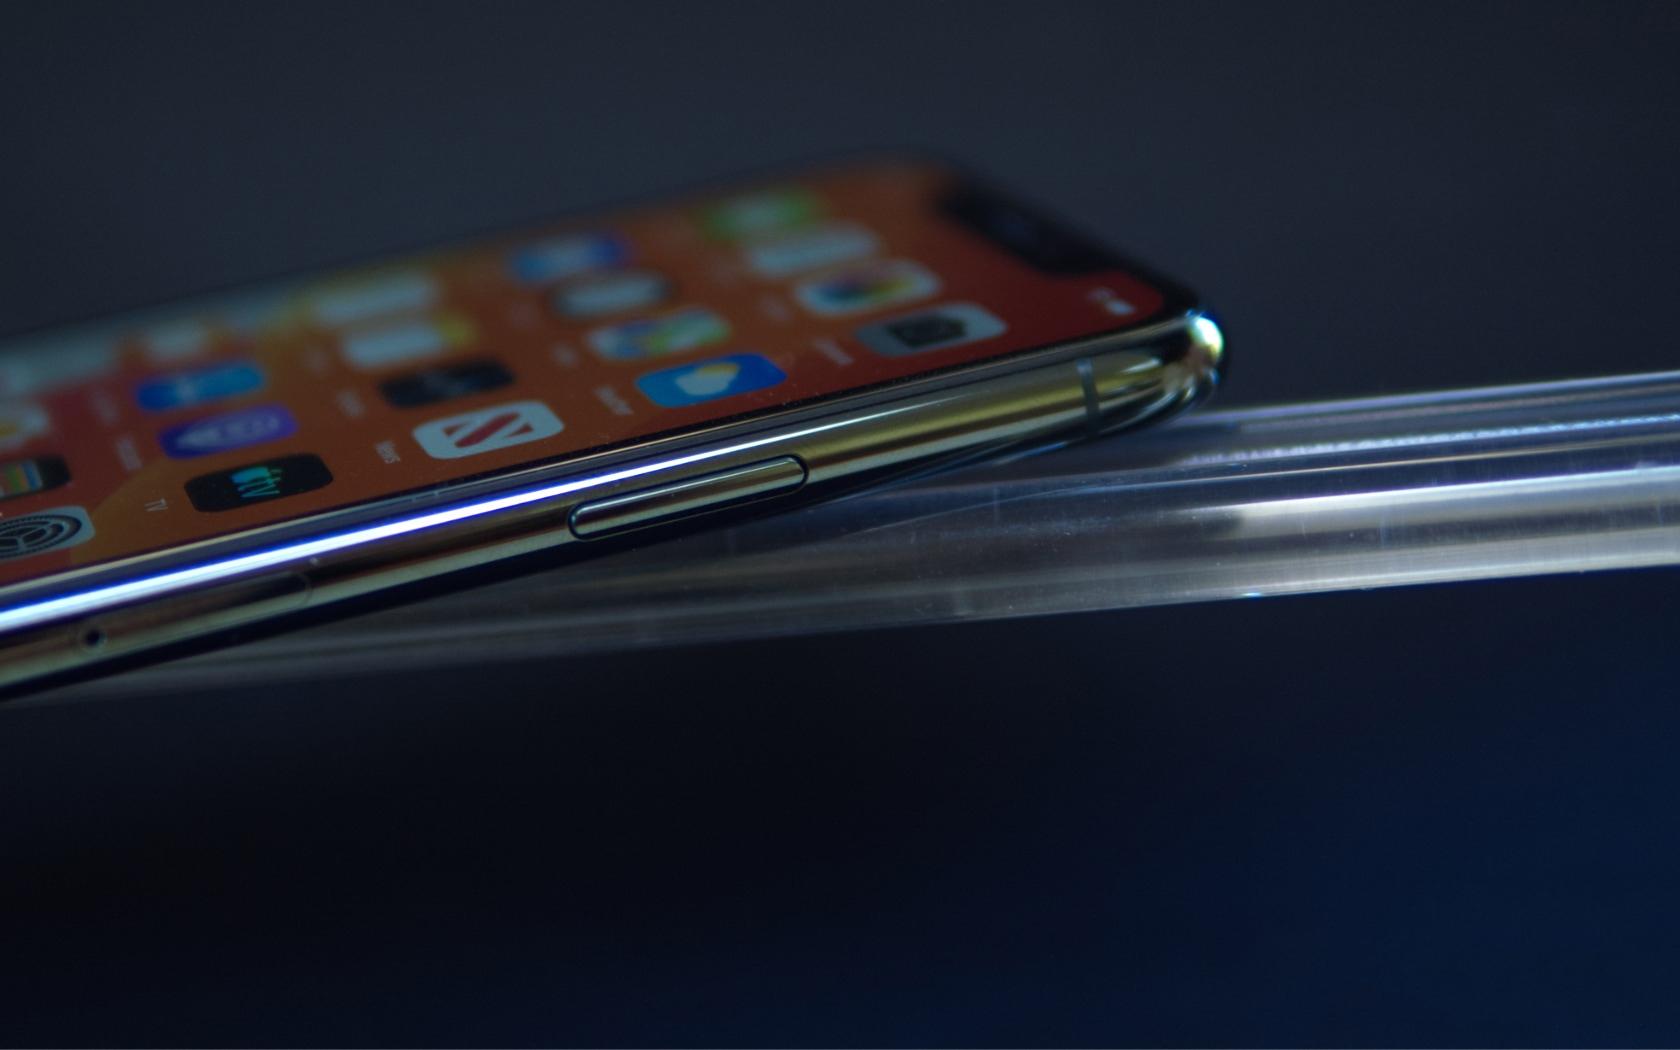 iPhone 11 Pro 64GB cũ  có thời lượng pin tốt, hỗ trợ sạc nhanh 18W